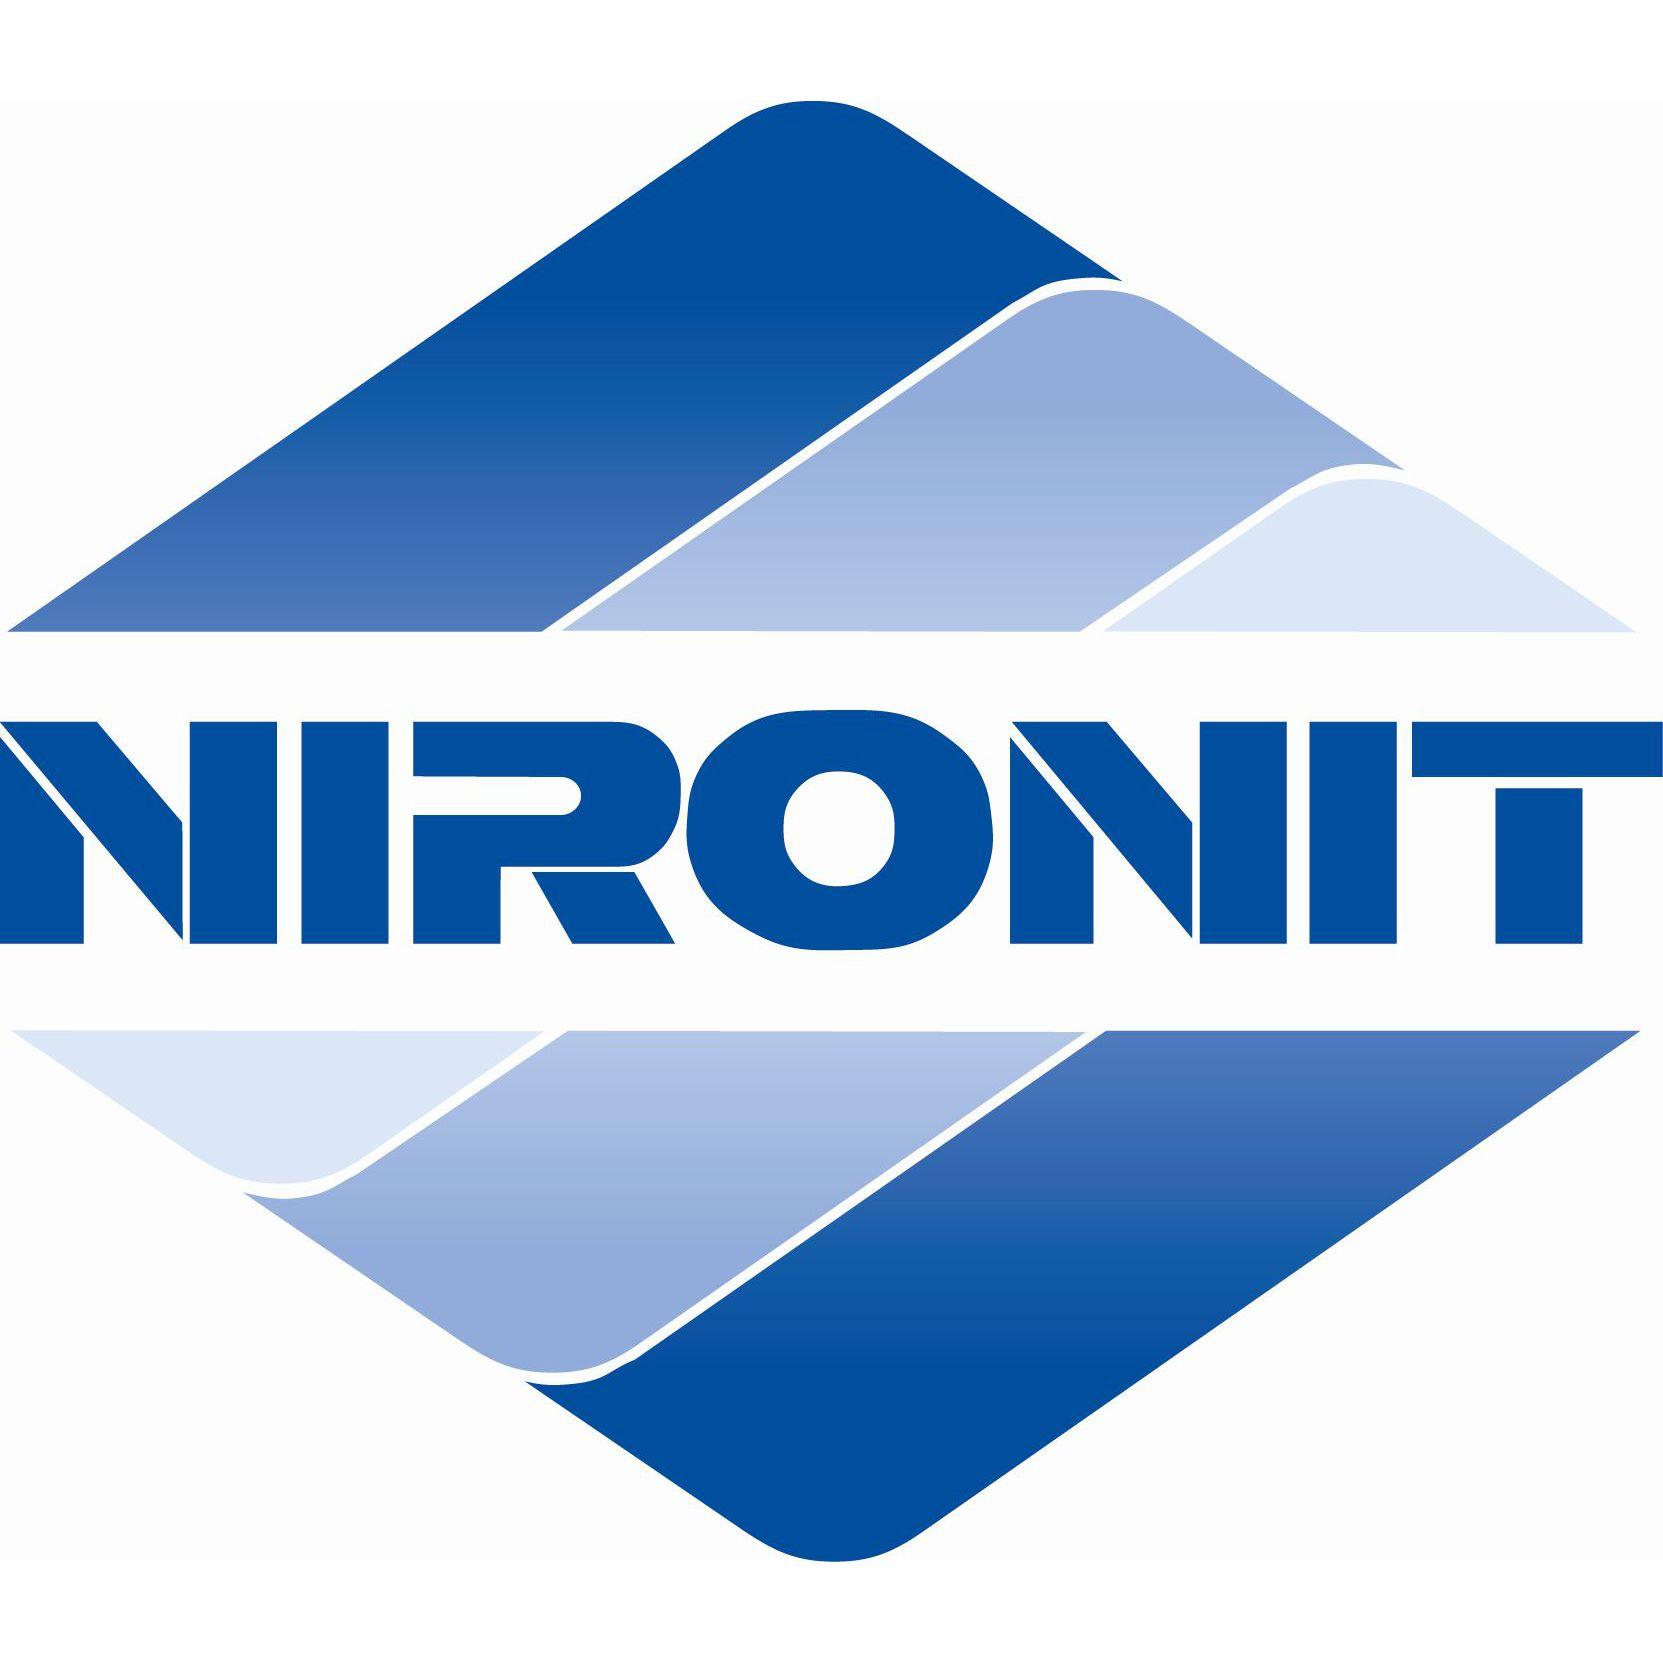 Bild zu NIRONIT Edelstahl GmbH & Co. KG in Rosengarten Kreis Harburg